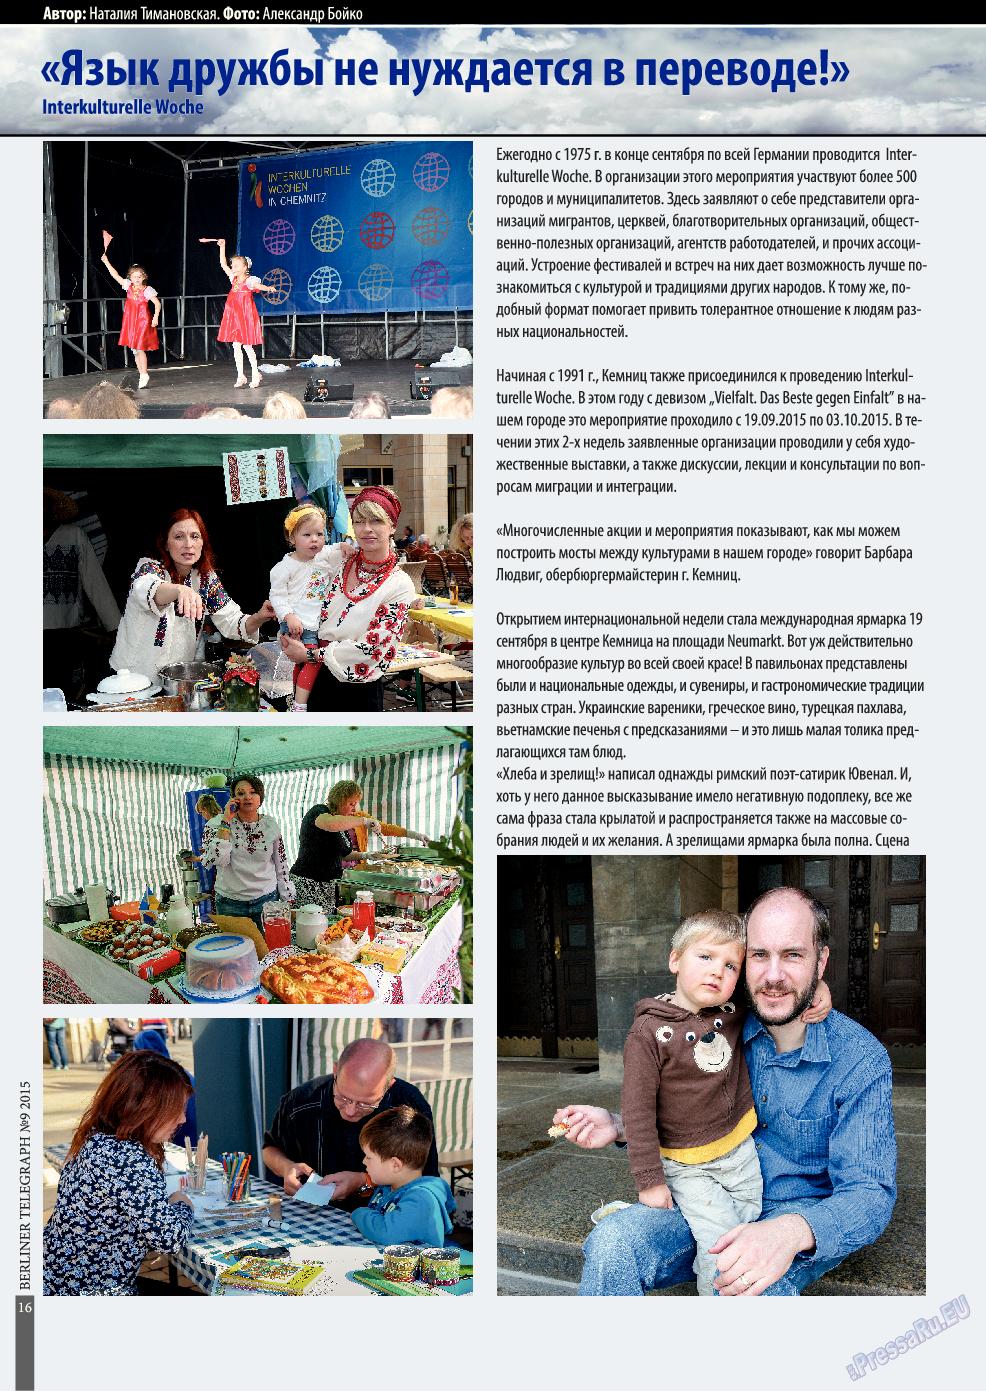 Берлинский телеграф (журнал). 2015 год, номер 10, стр. 16